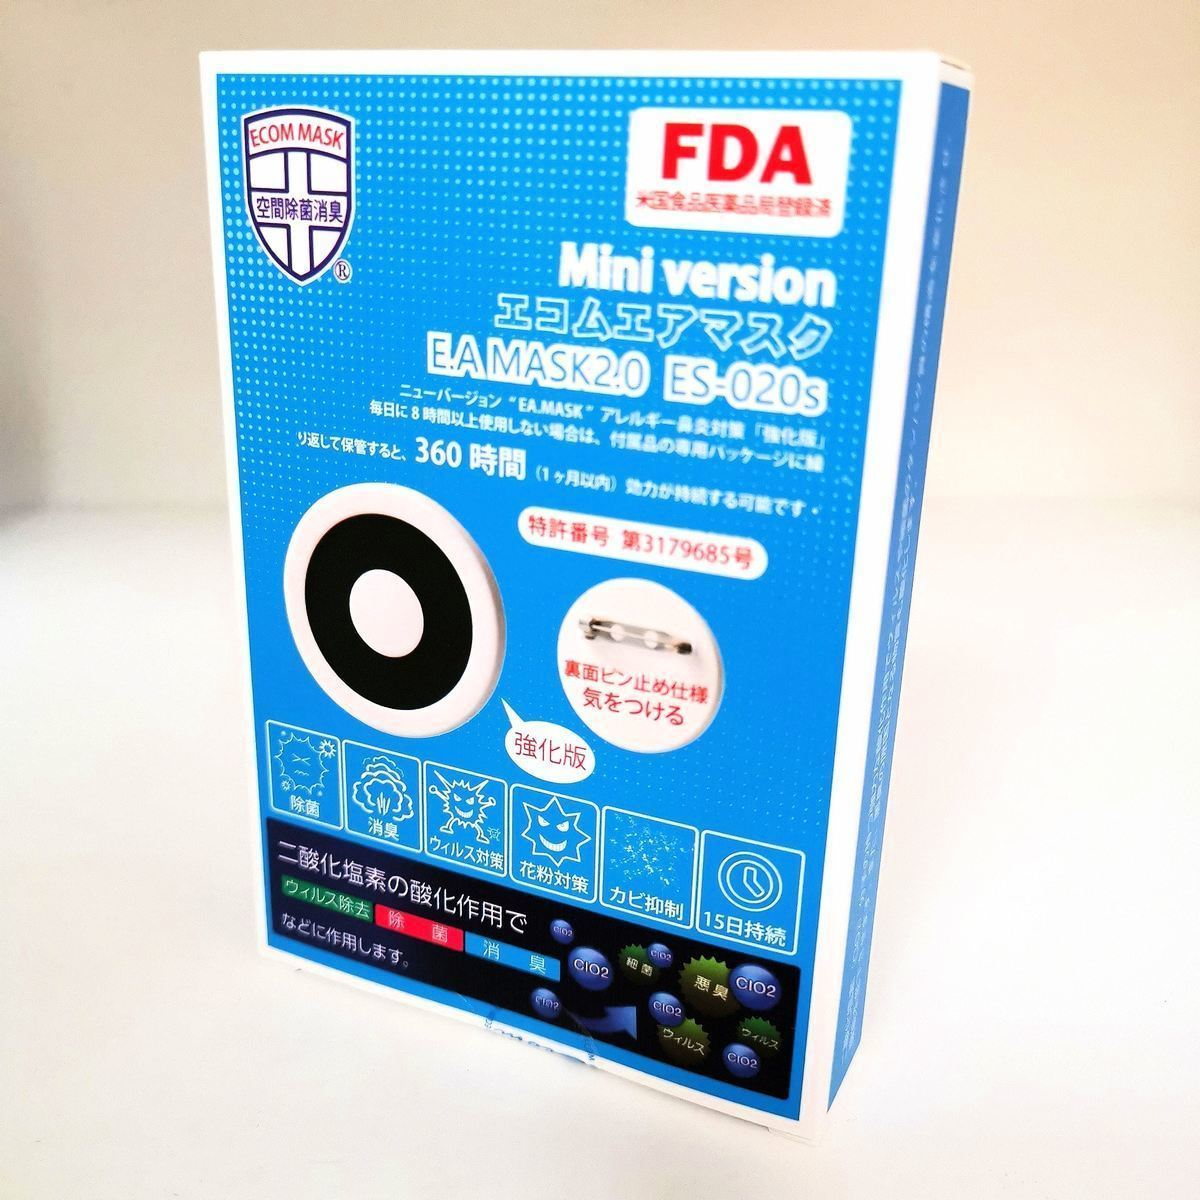 第7代EA Mask 2.0【加強版】消滅細菌病毒、非典及禽流感病毒、消臭、除煙味、除狐臭、除汗臭、防花粉過敏效力更強。